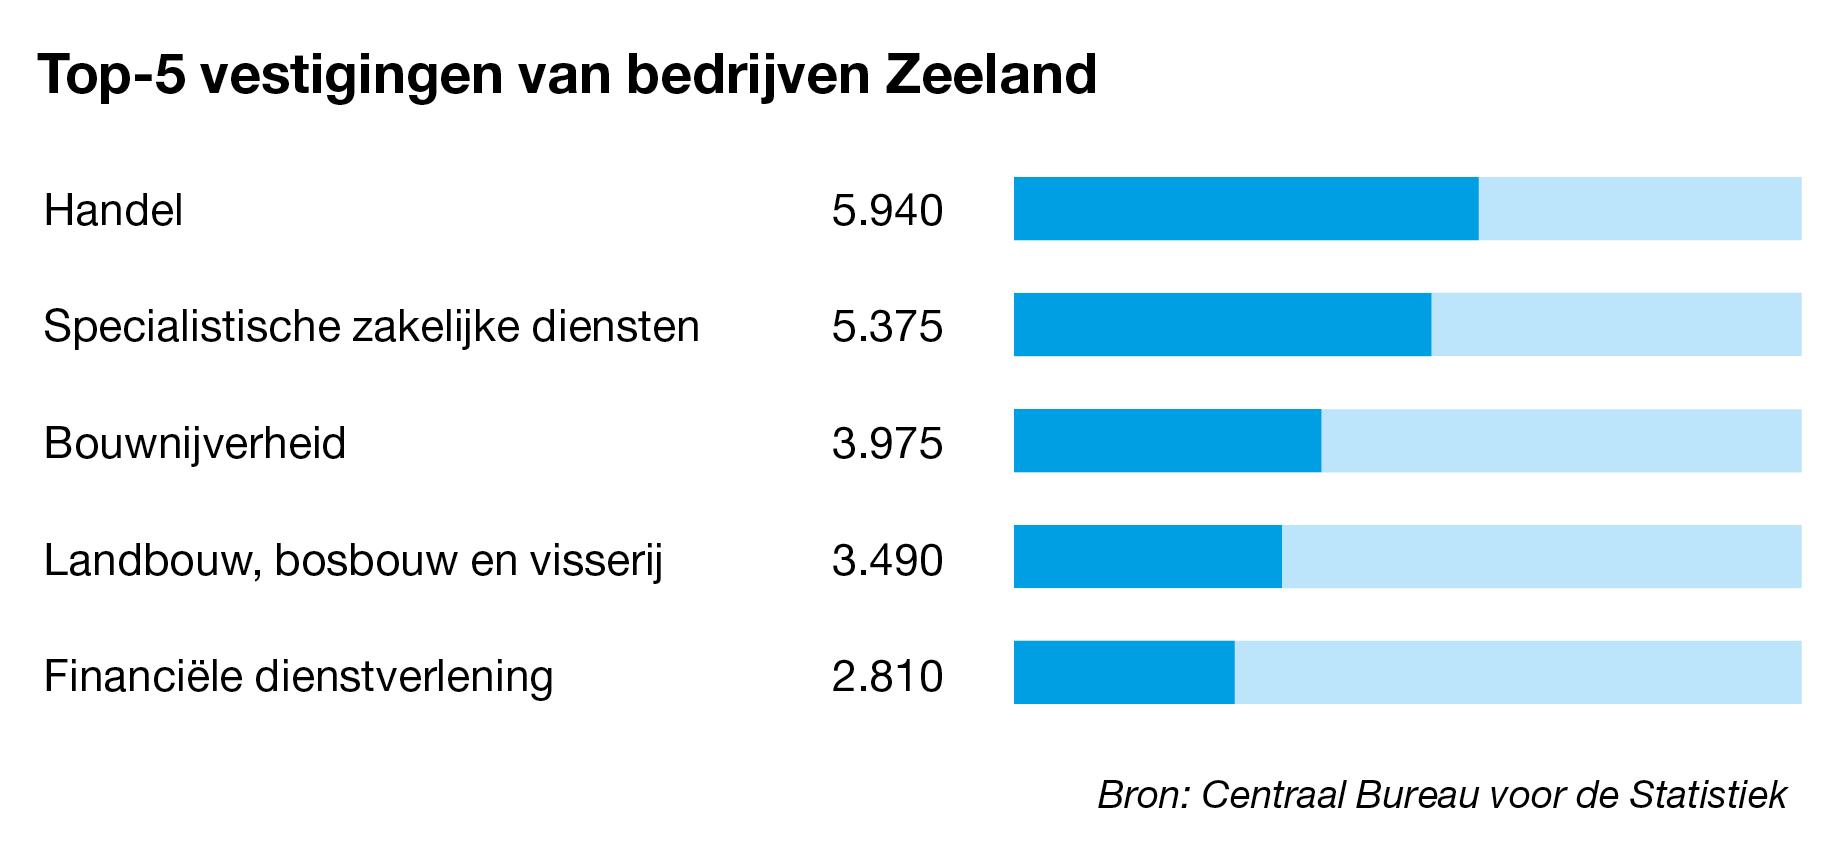 Bedrijven te koop in Zeeland